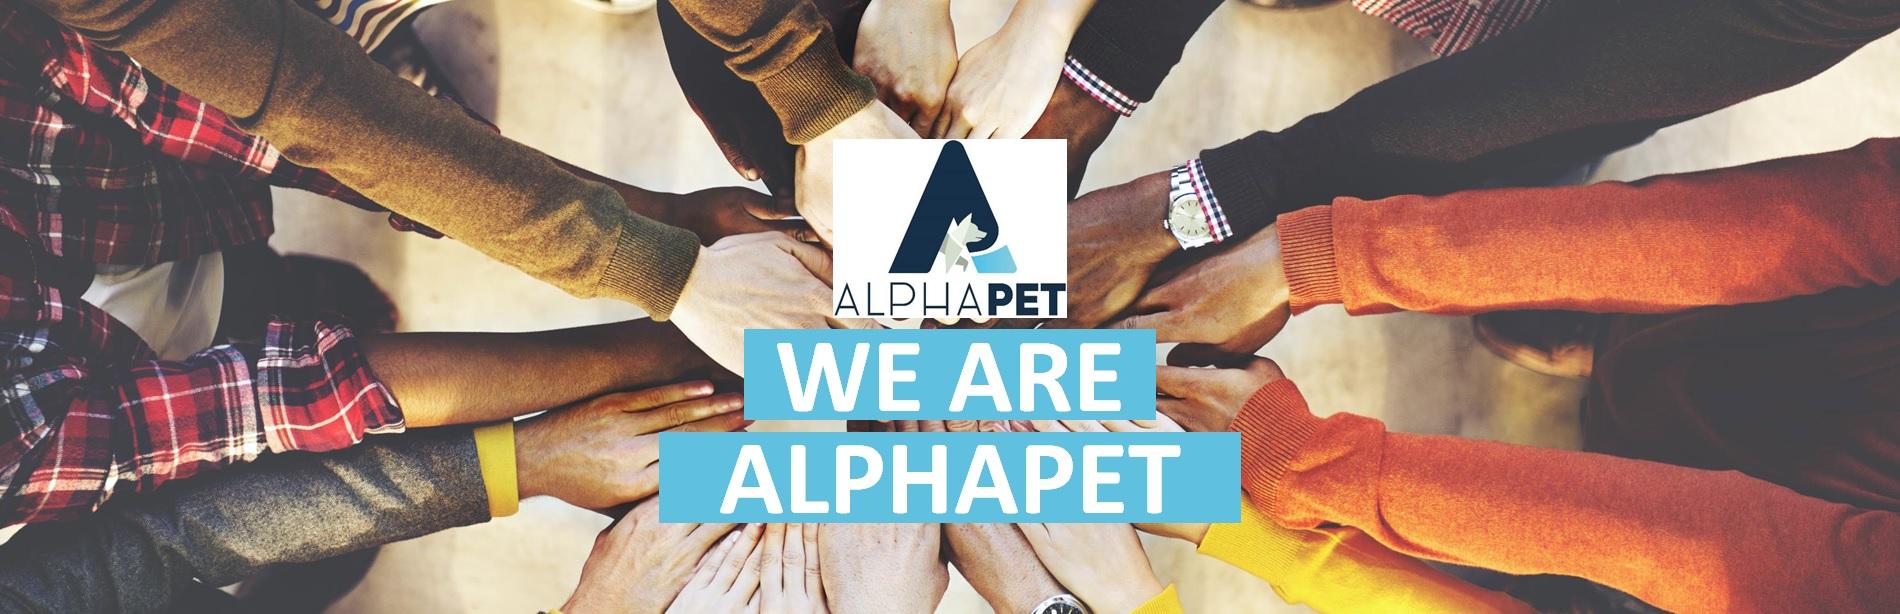 AlphaPet unser Team